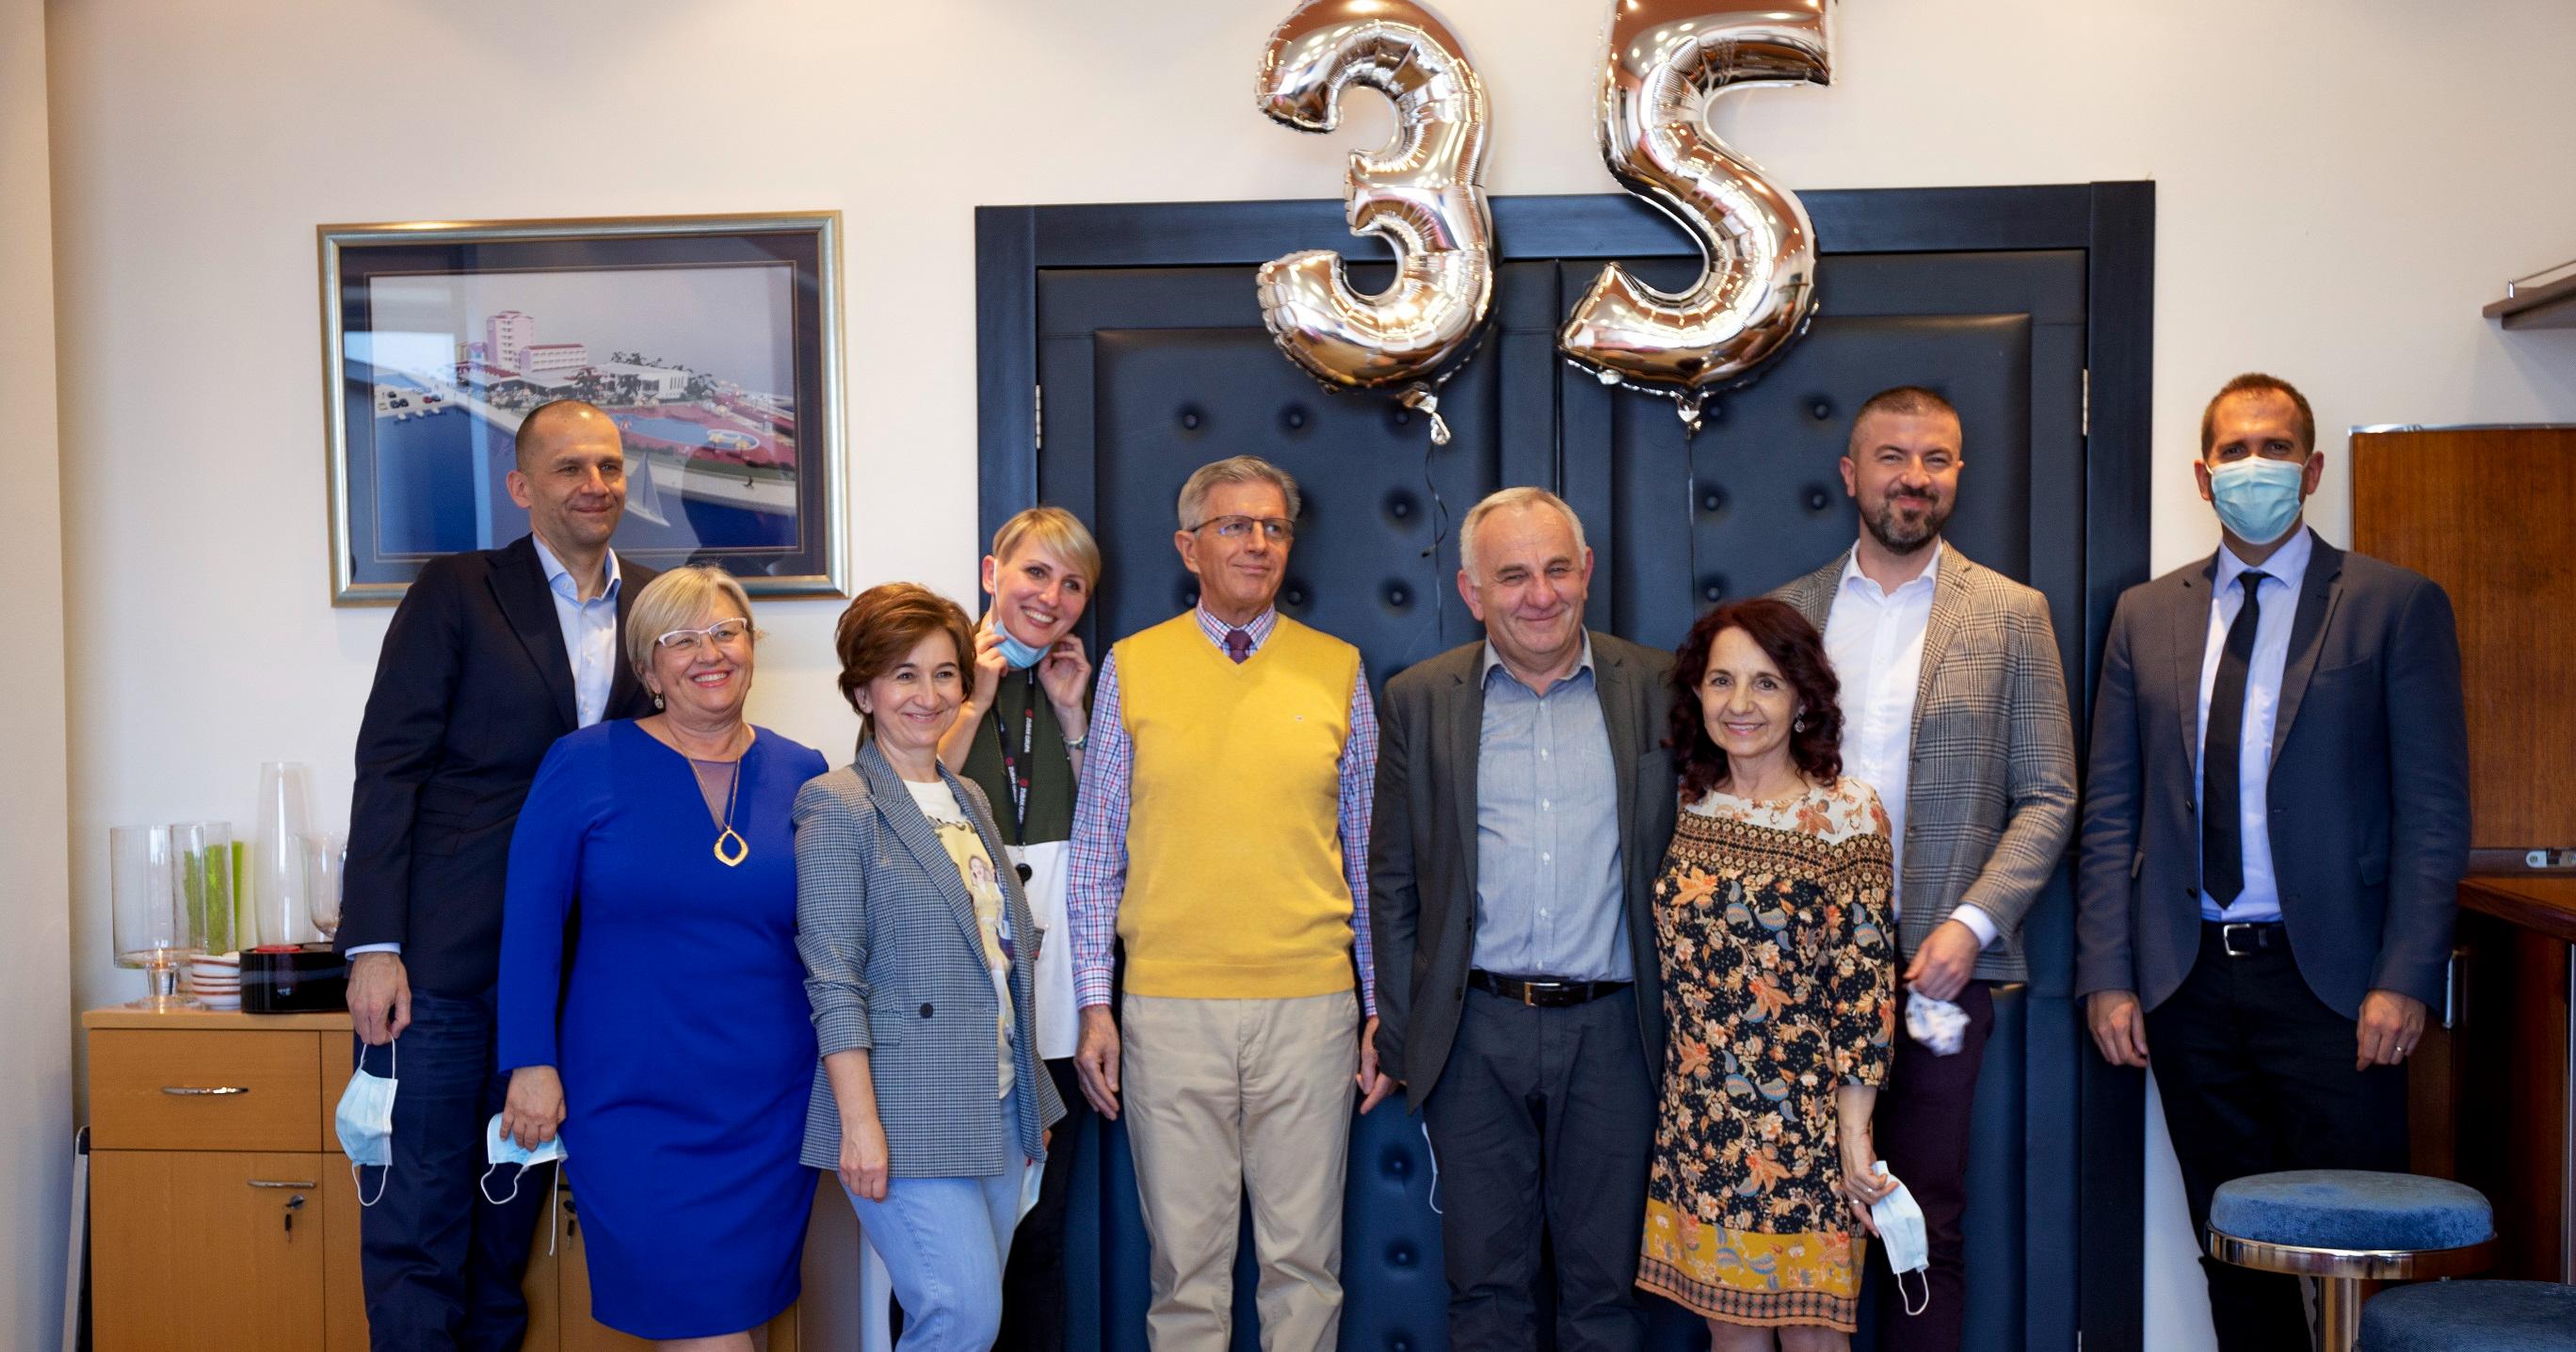 Drago Šimek - 35 godina u Zubak Grupi